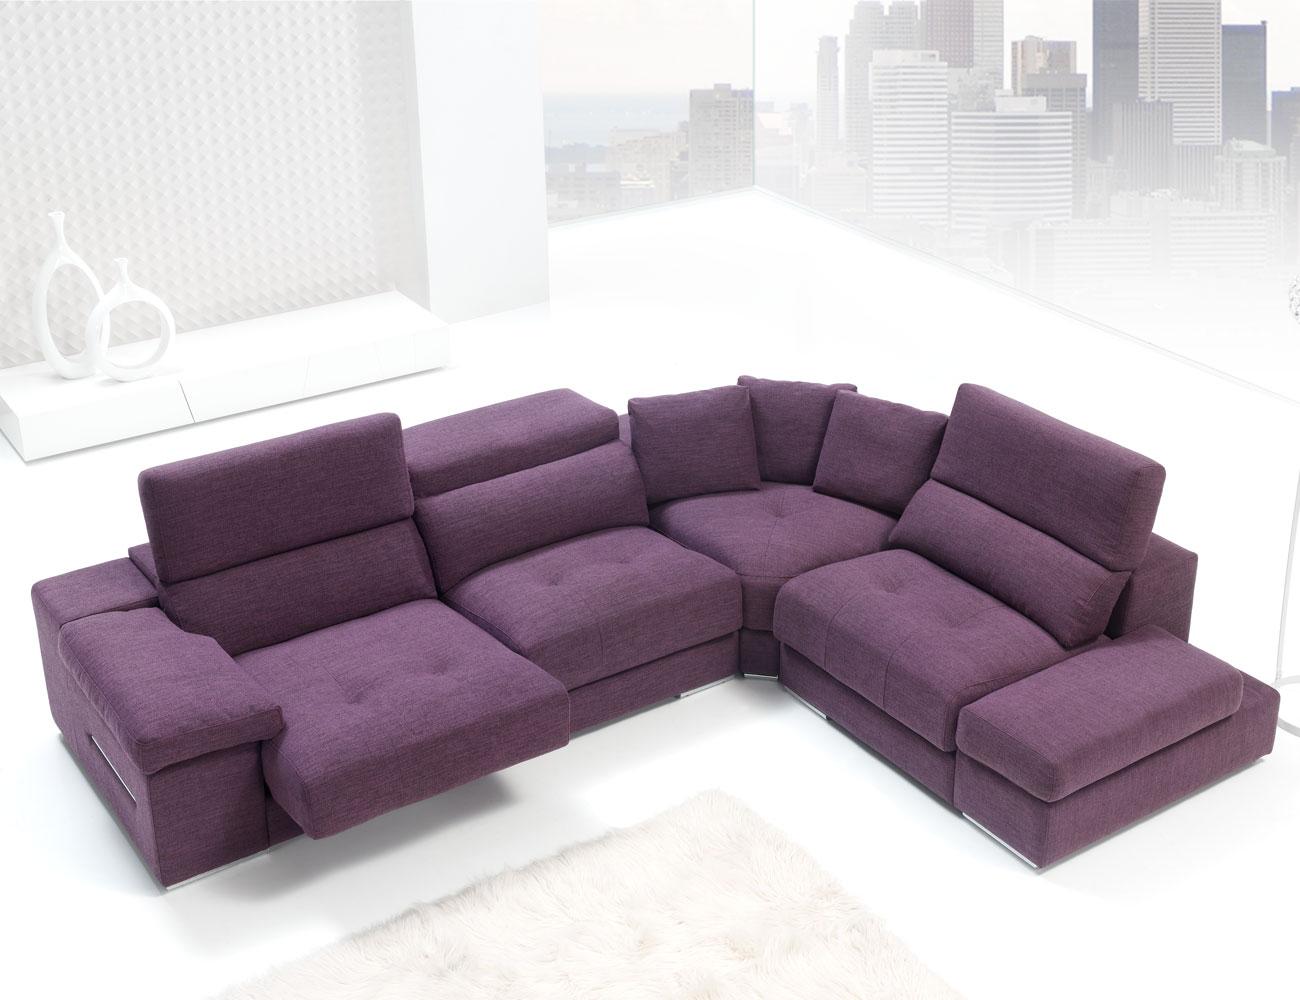 Sofa chaiselongue rincon con brazo mecanico tejido anti manchas 231